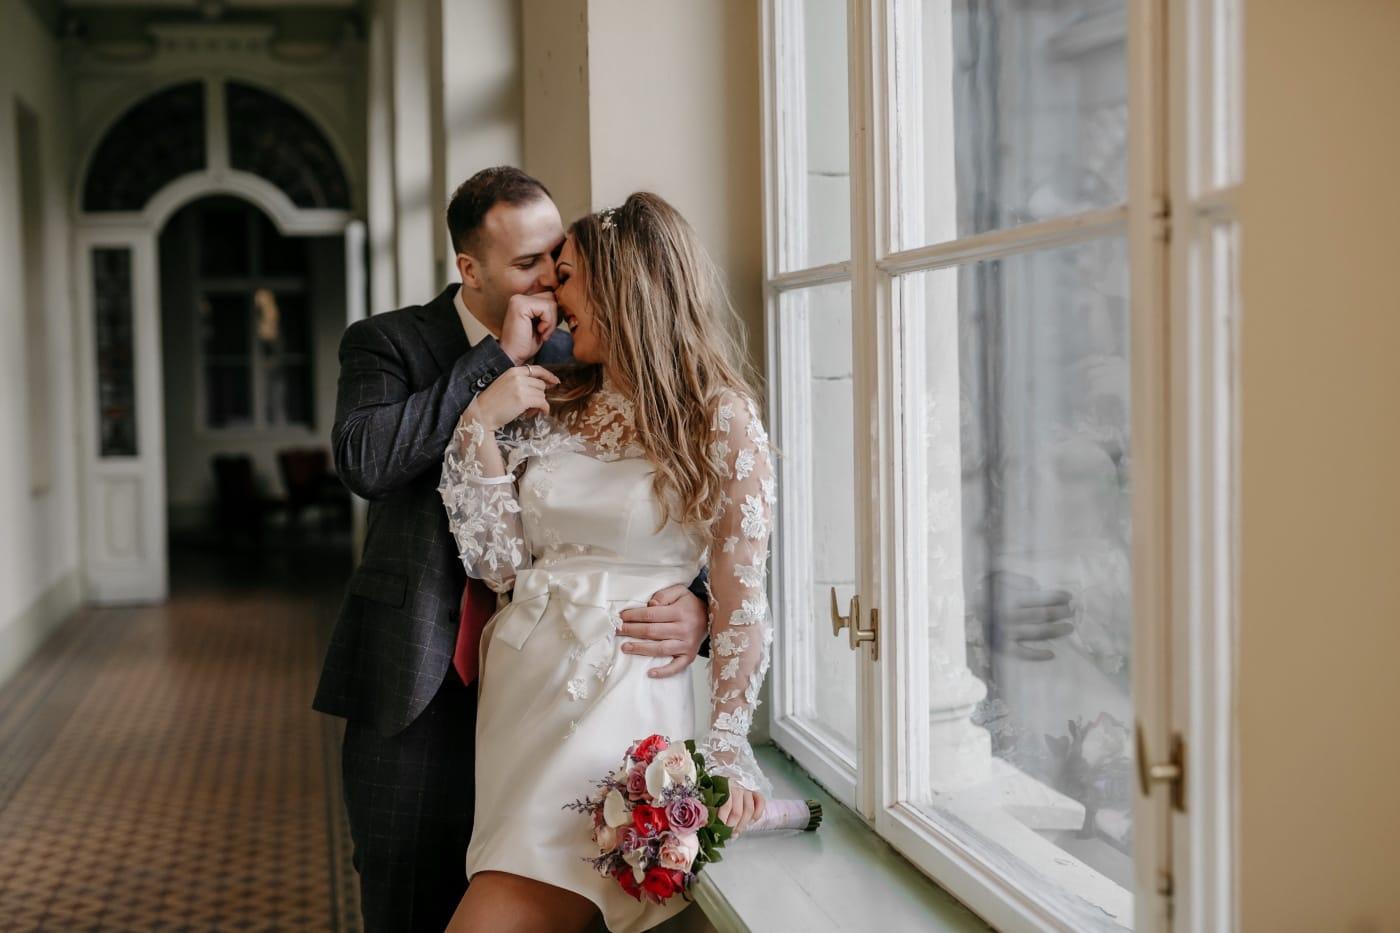 novelli sposi, interno, Casa, corridoio, matrimonio, sposa, coppia, sposo, amore, donna